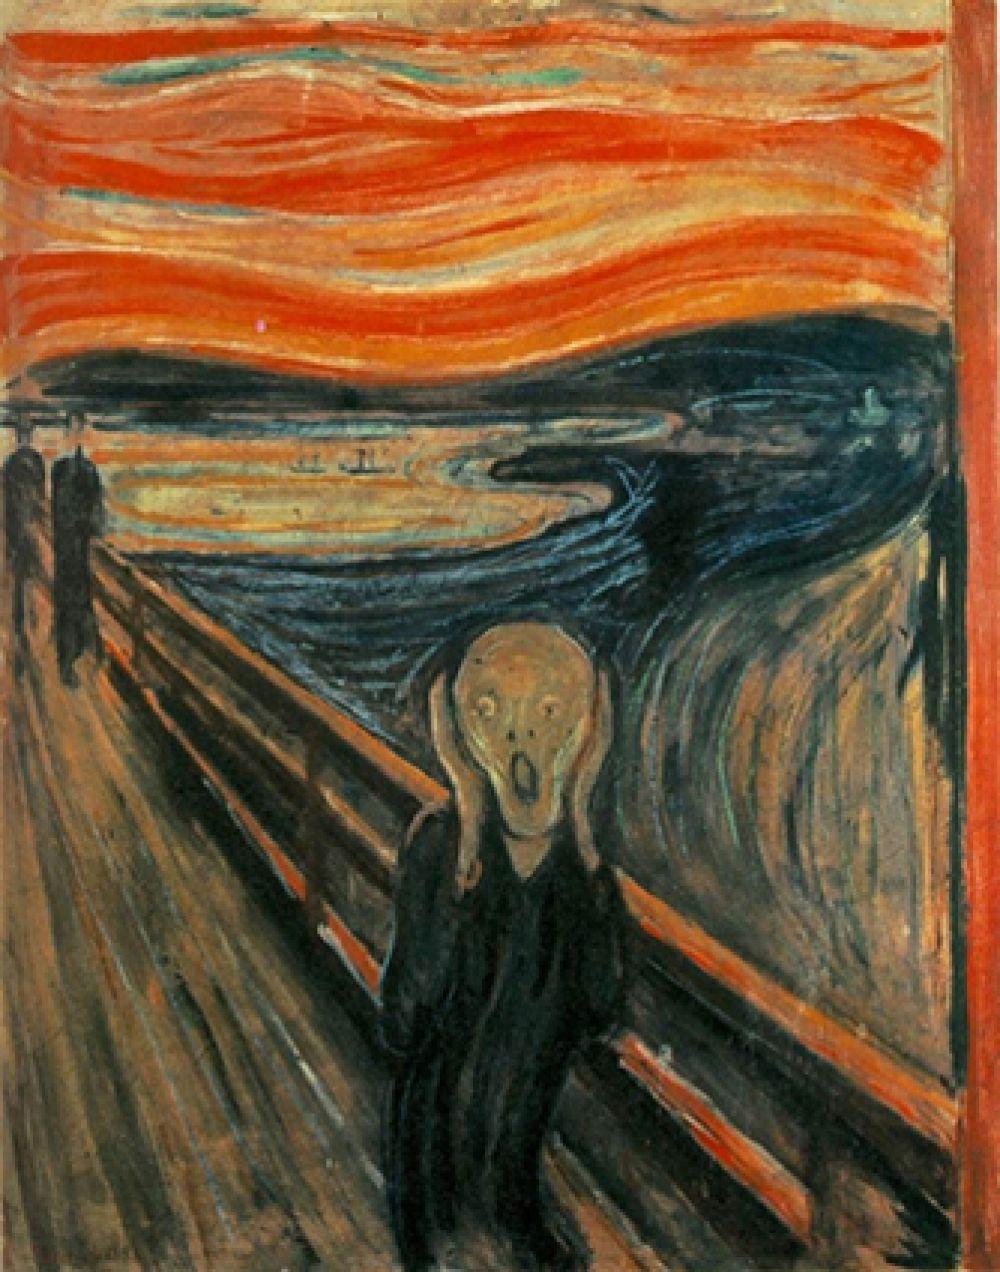 «Крик» (4-я картина серии), Эдвард Мунк. Год создания: 1893-1910. Дата продажи: 2 мая 2012 года. Цена 119,9 млн. долларов.